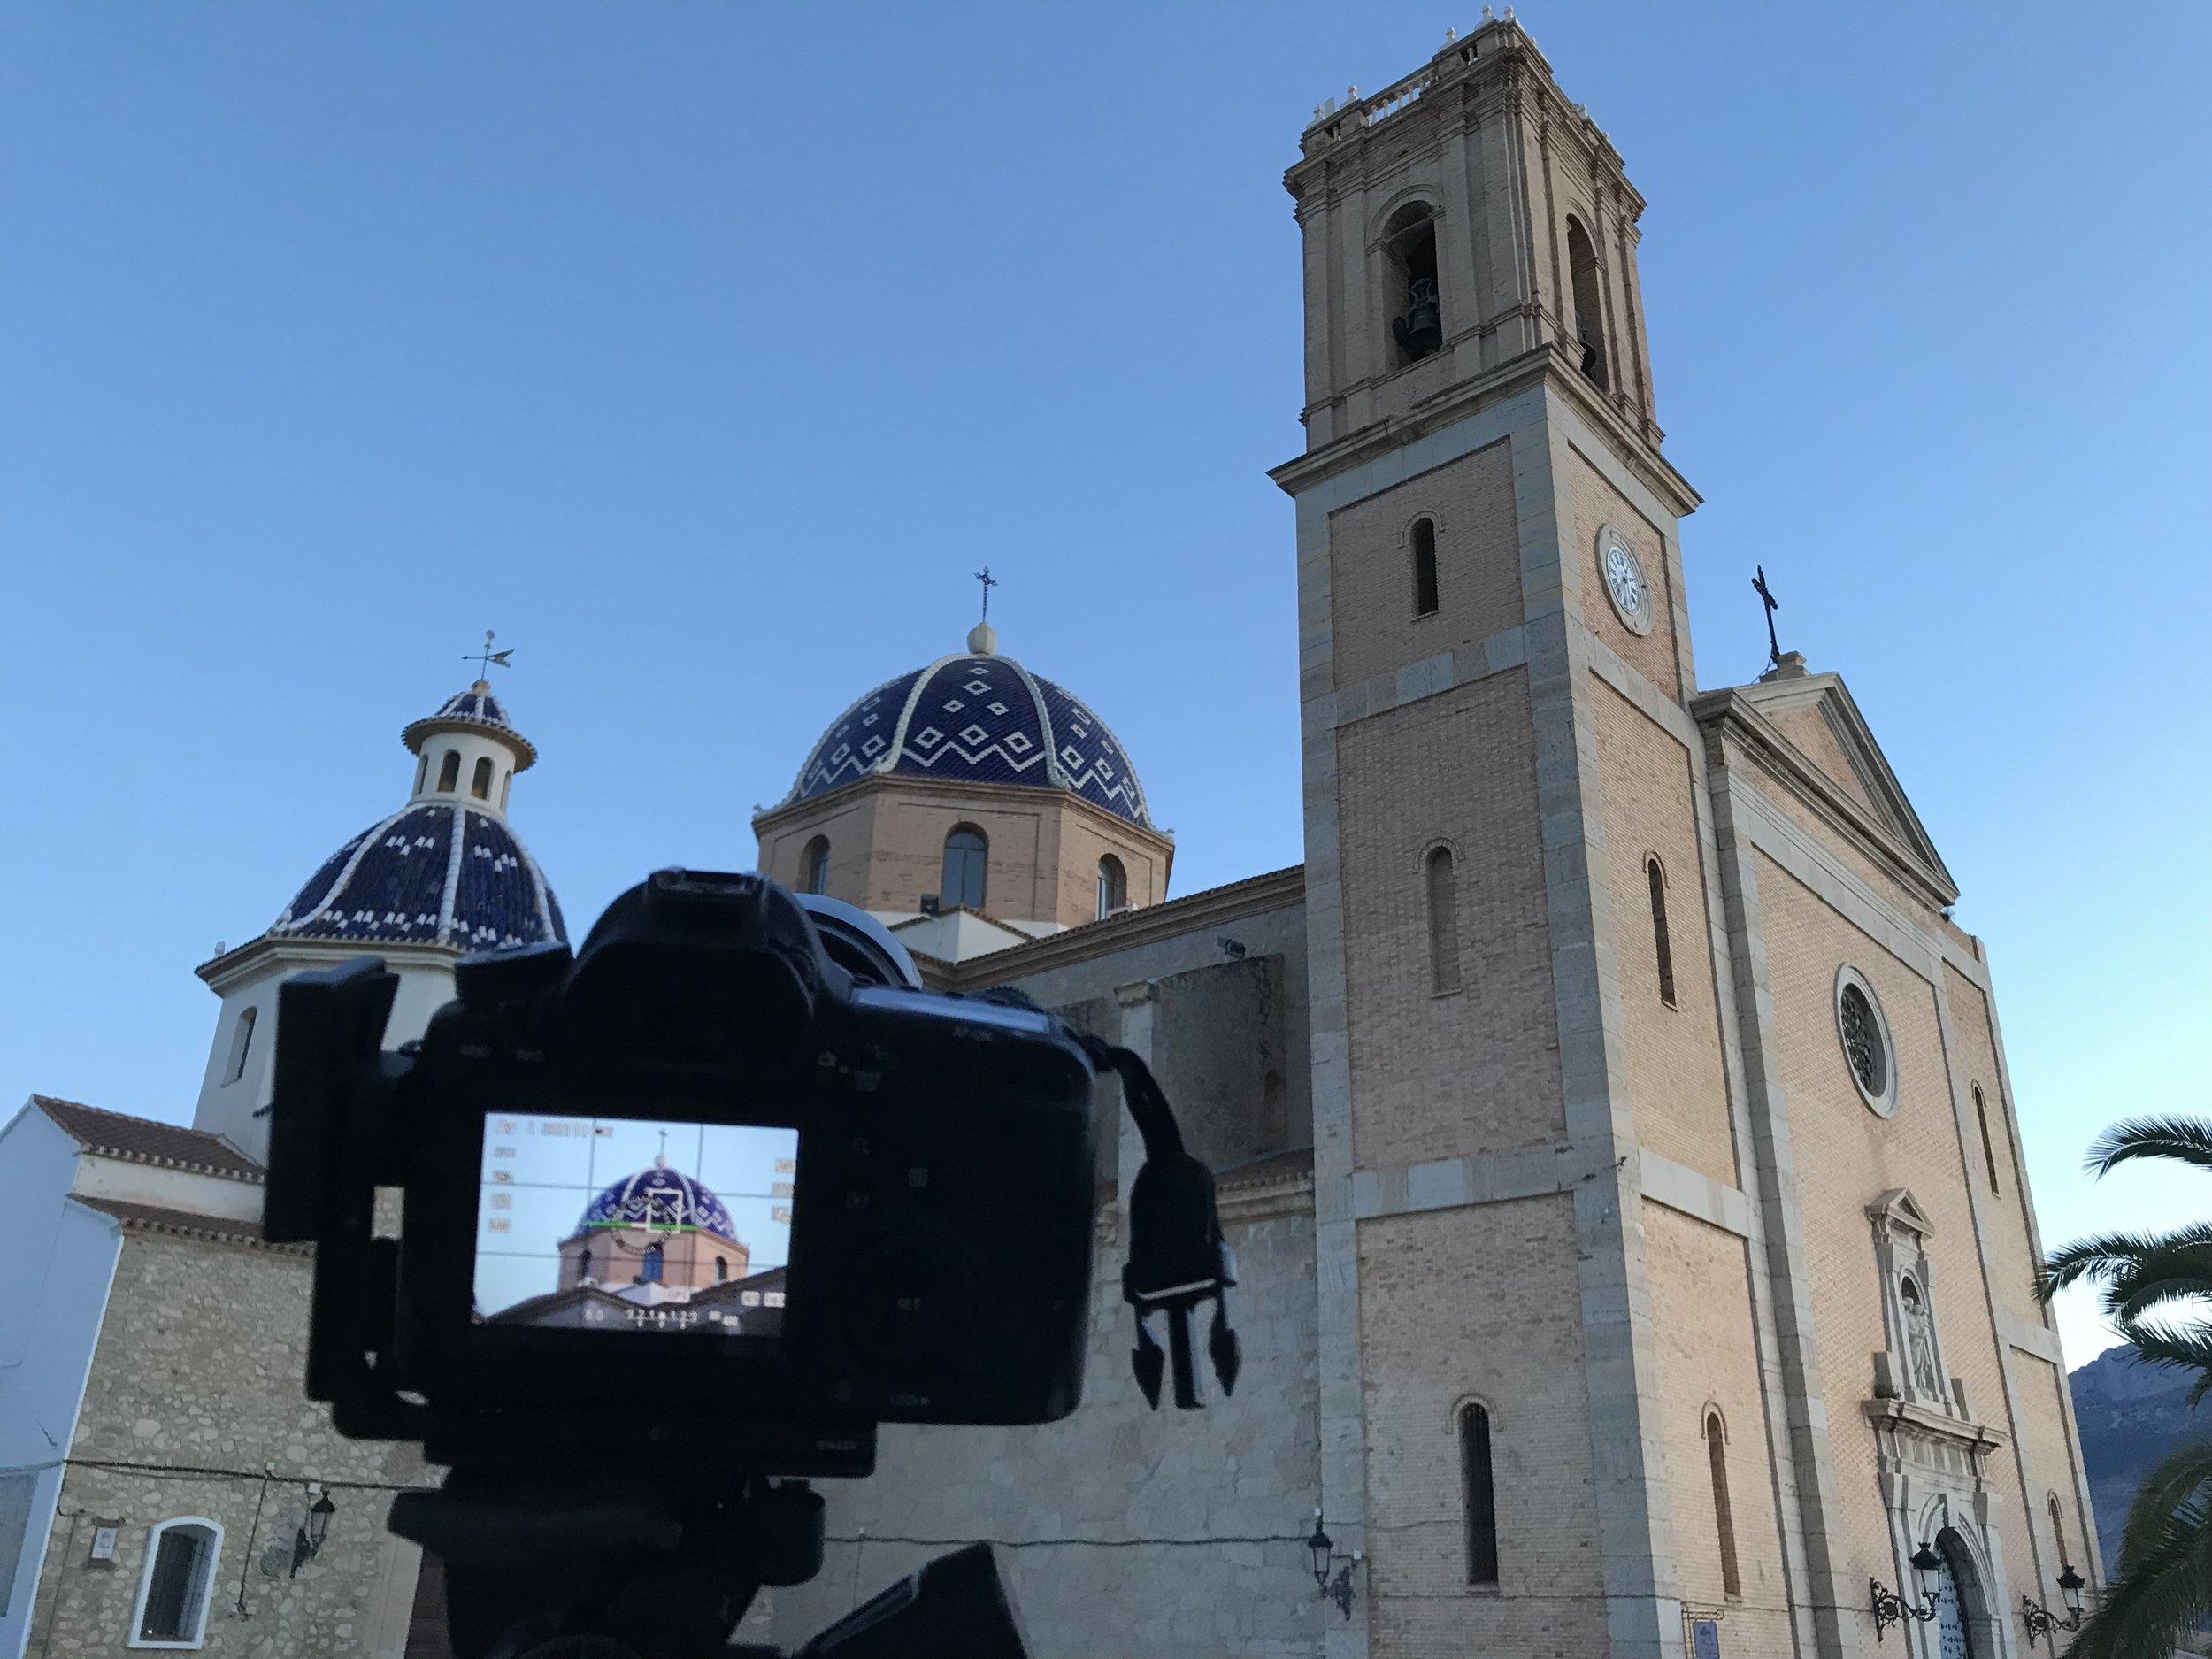 The church on the hill at sunrise, Altea, Spain